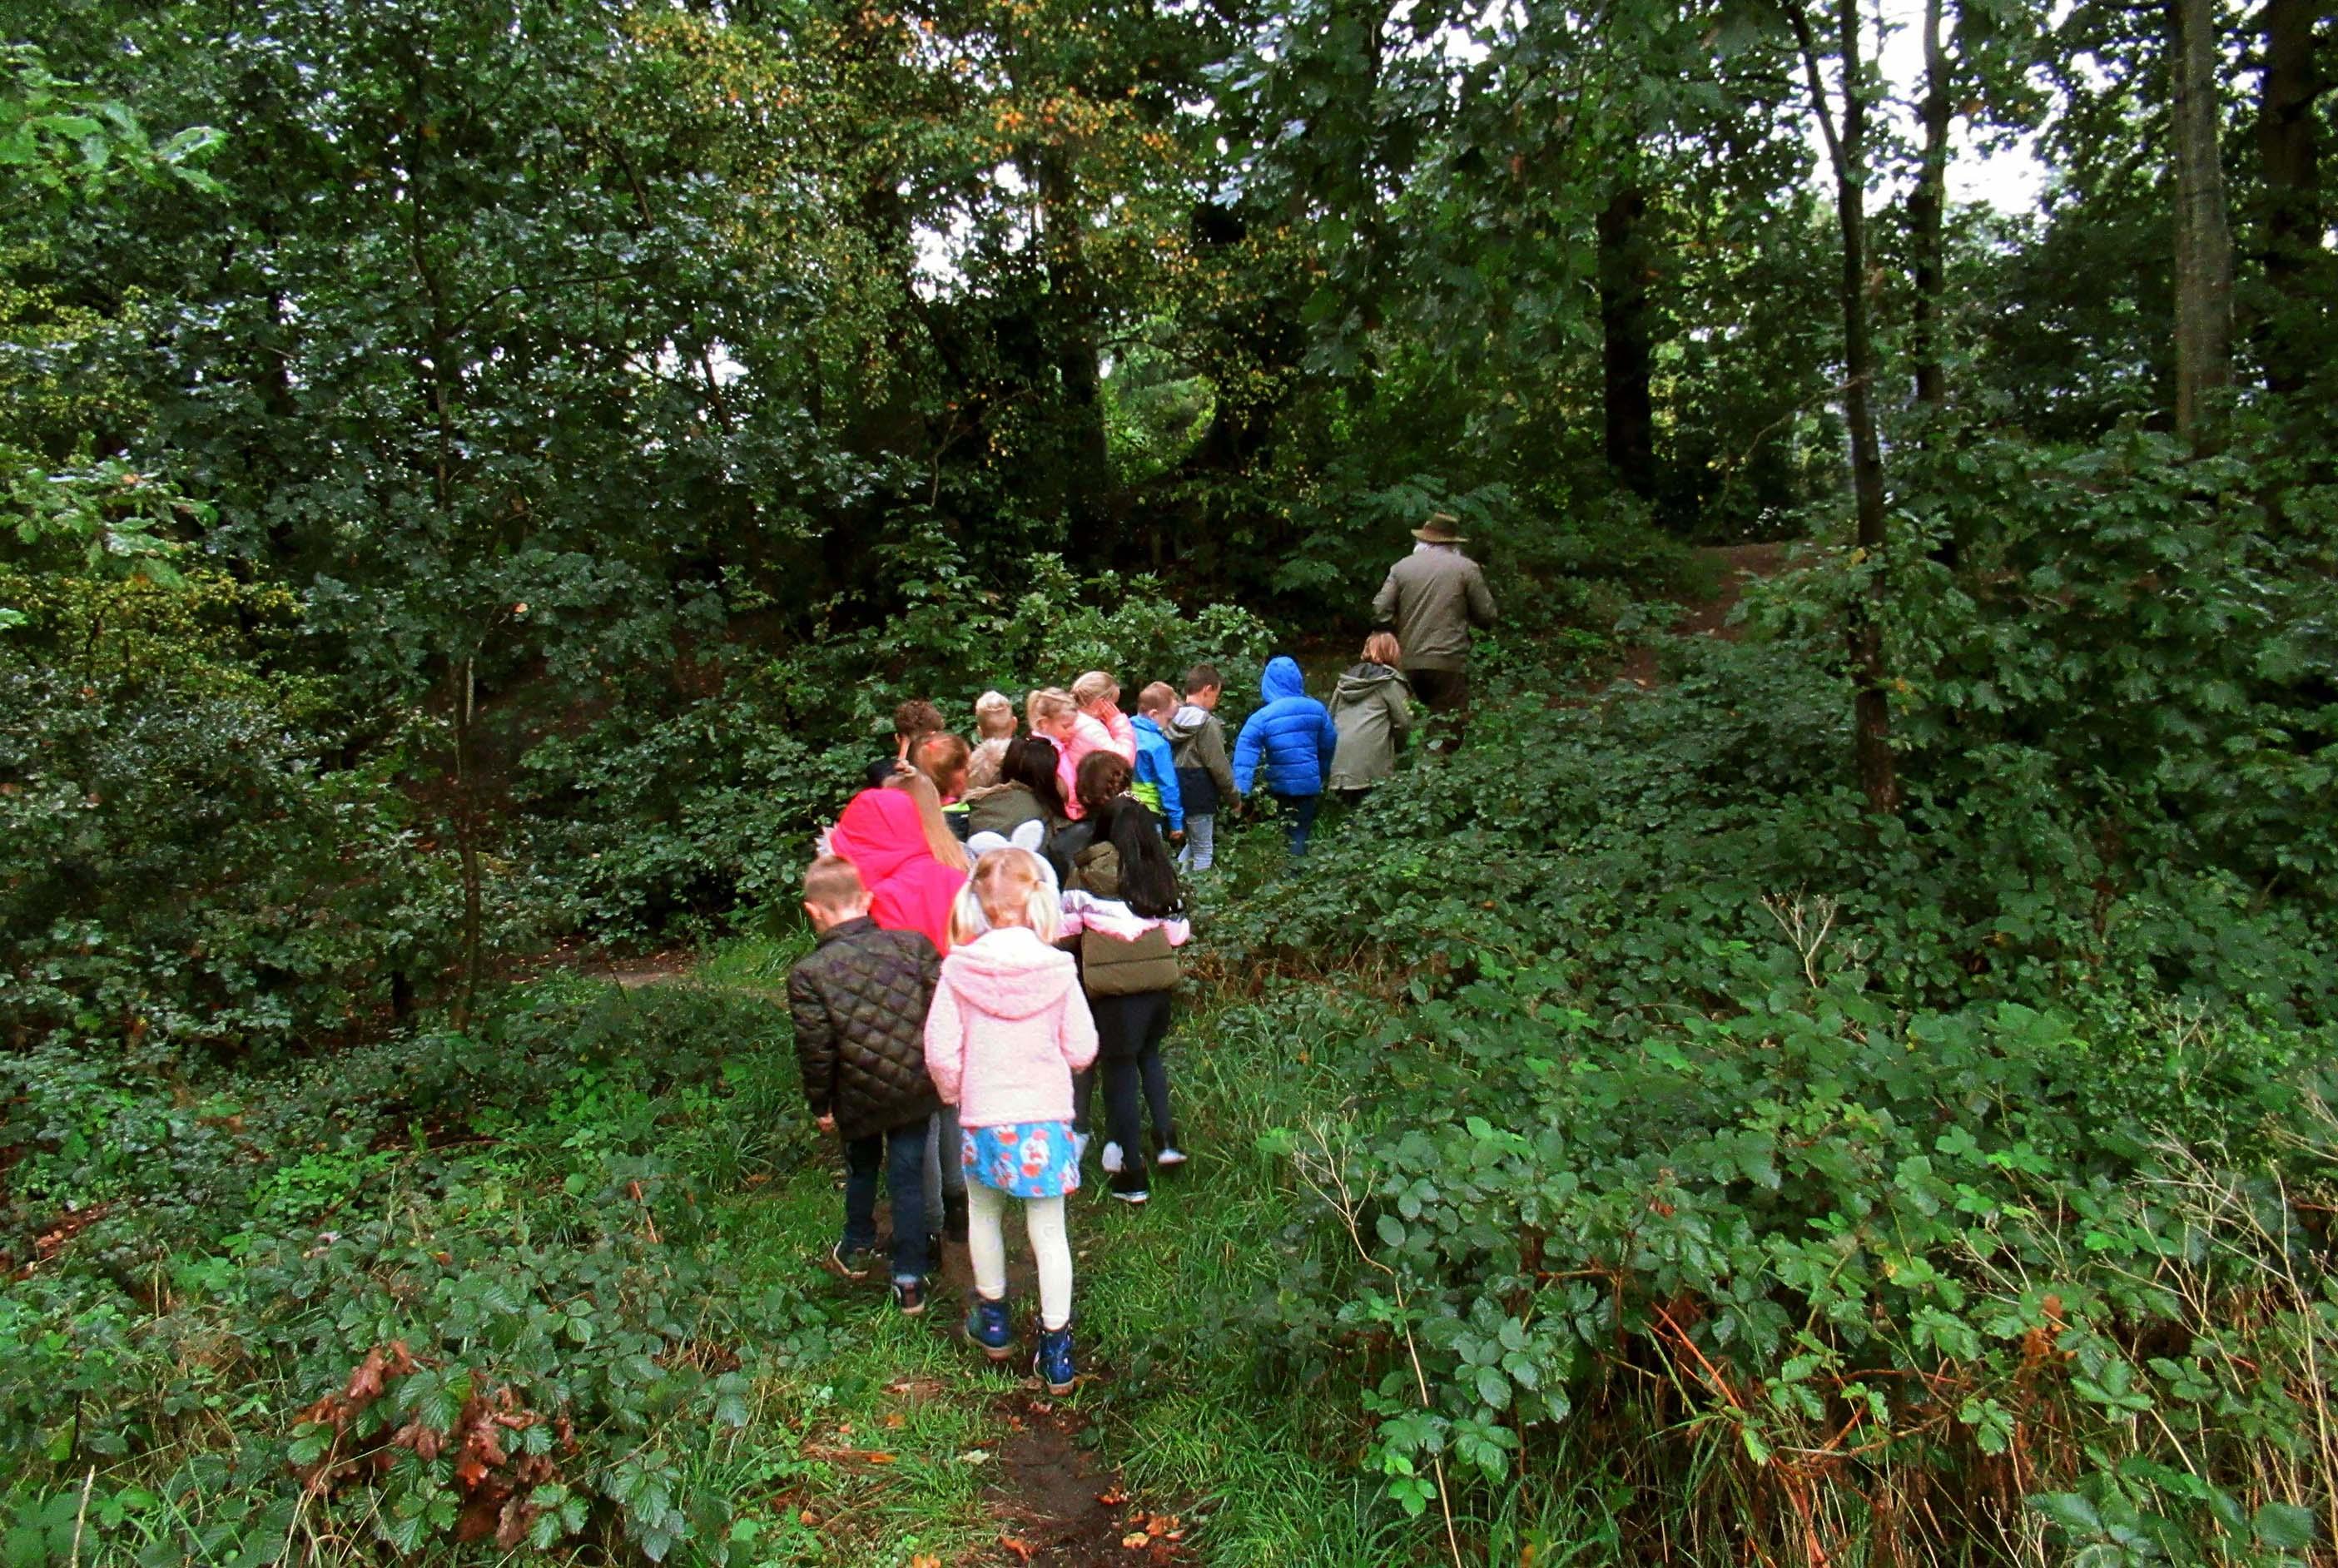 Met de hele klas naar de bosrand in Lunteren om nog meer van de natuur te leren kennen - Foto: ©Jac. Gazenbeekstichting